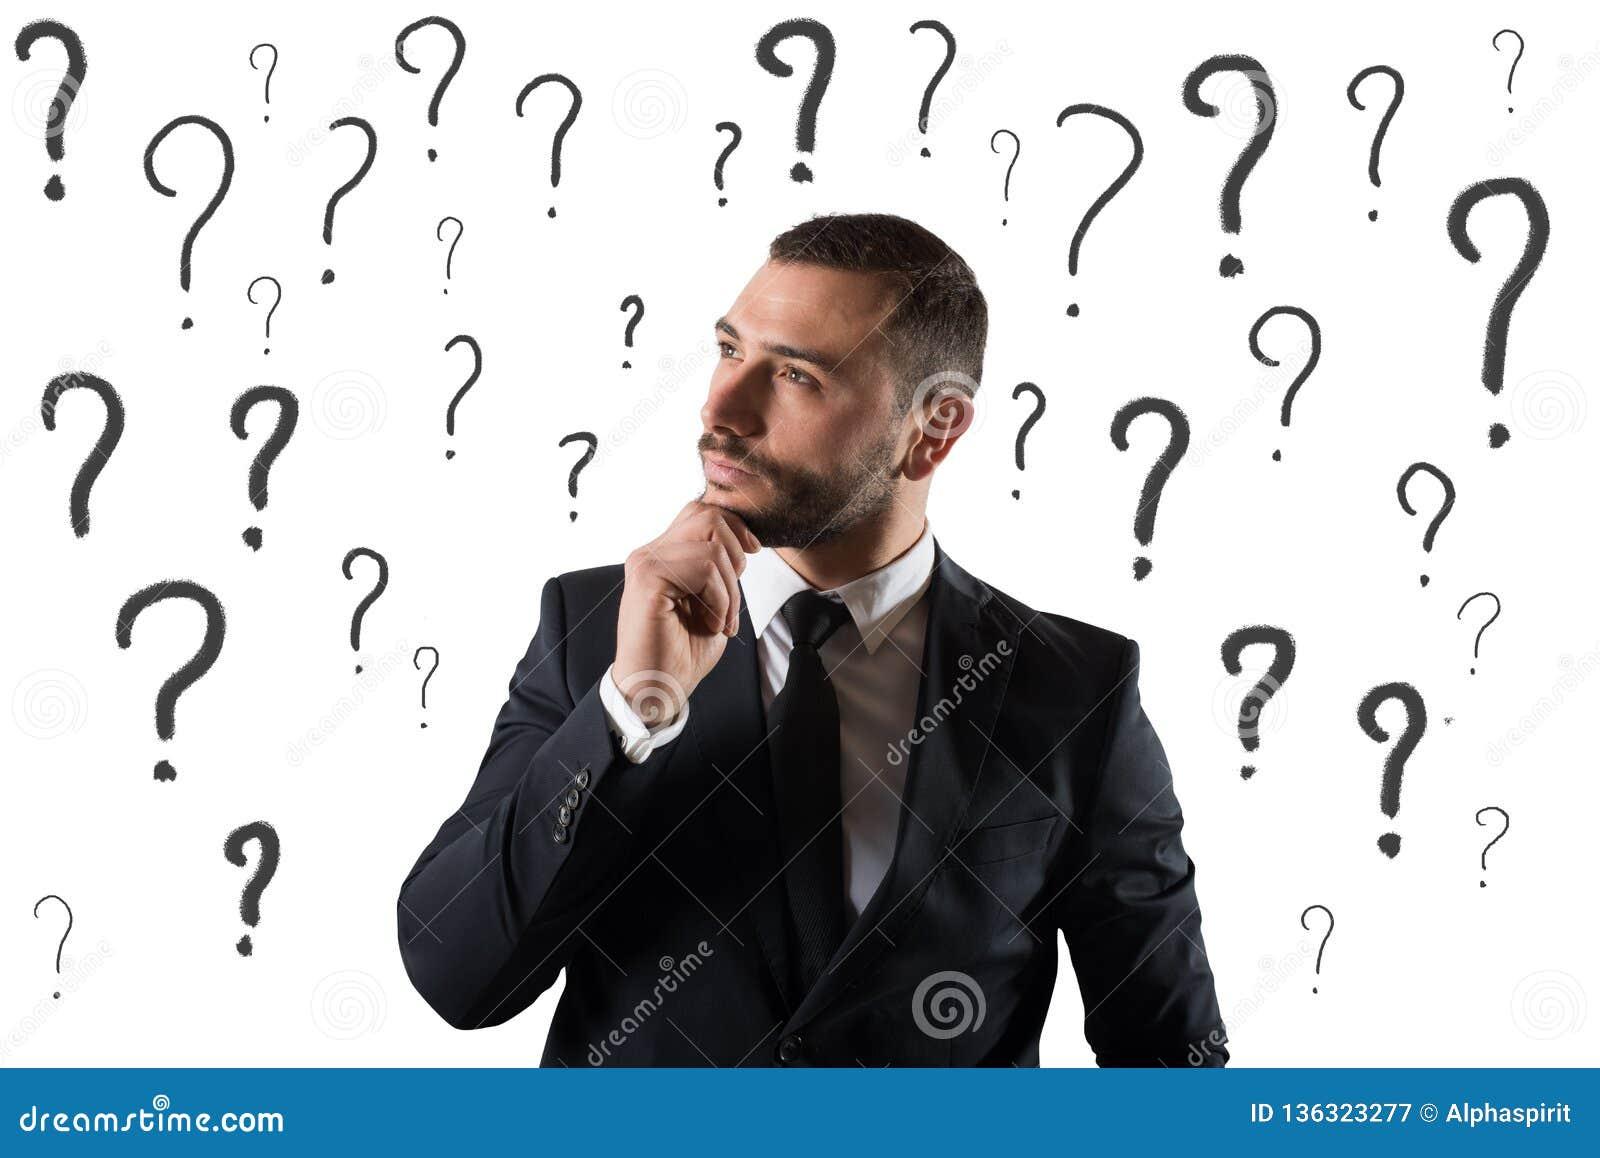 El hombre de negocios confuso y pensativo se preocupó del futuro